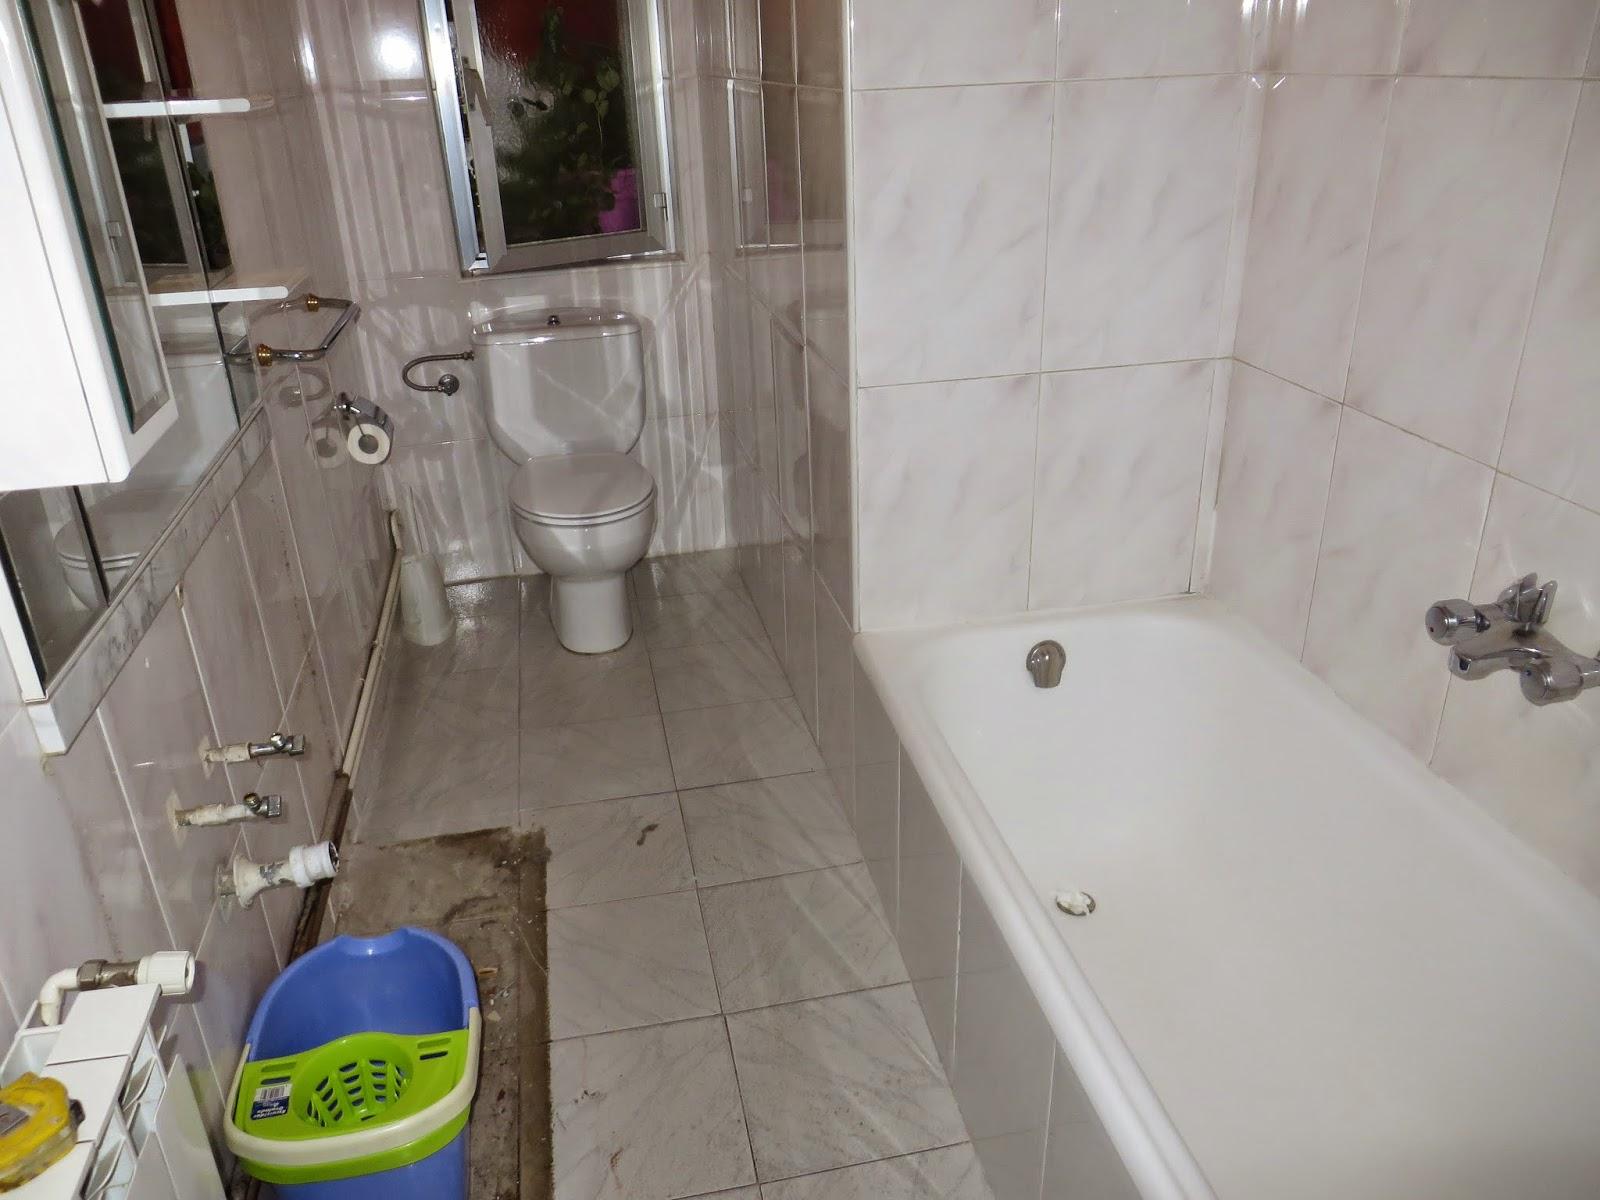 Reformas Villasol: Cuartos de baño, decoración,reformas ...